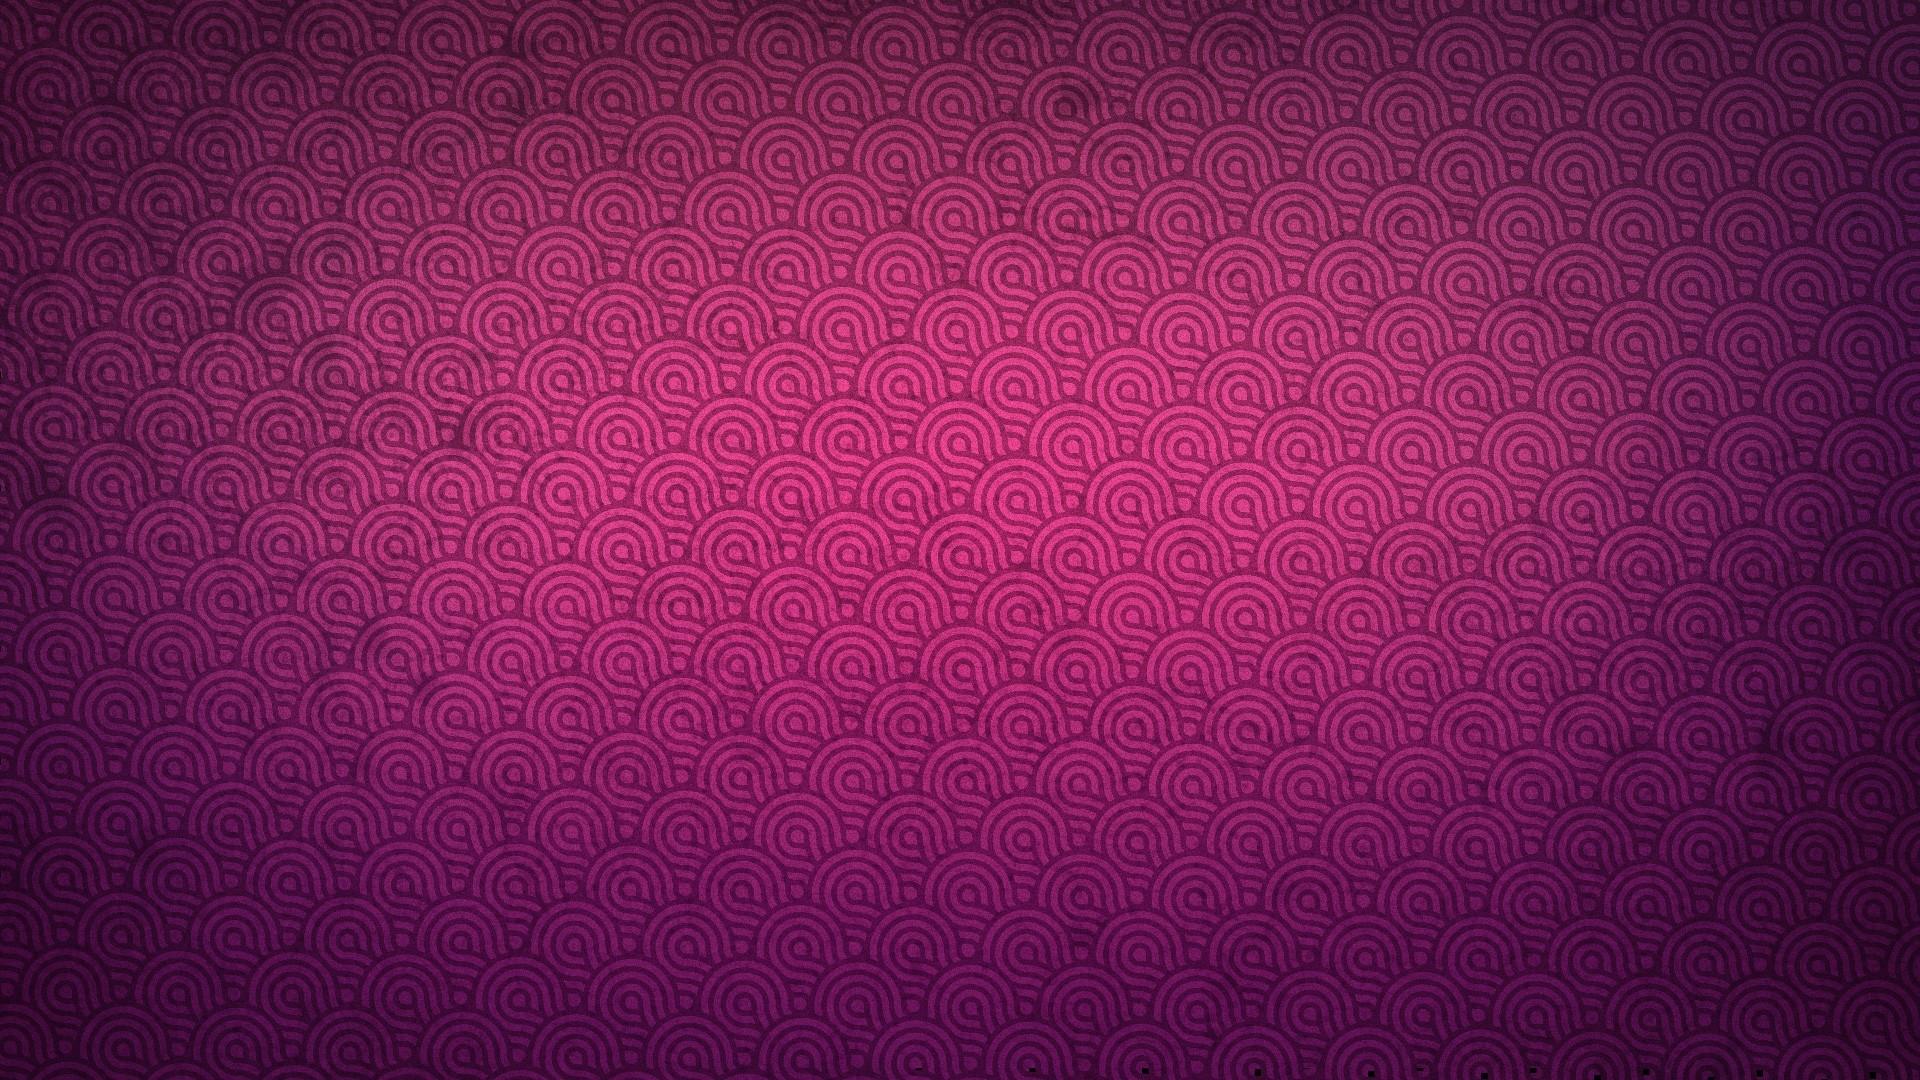 Fancy Wallpaper image hd